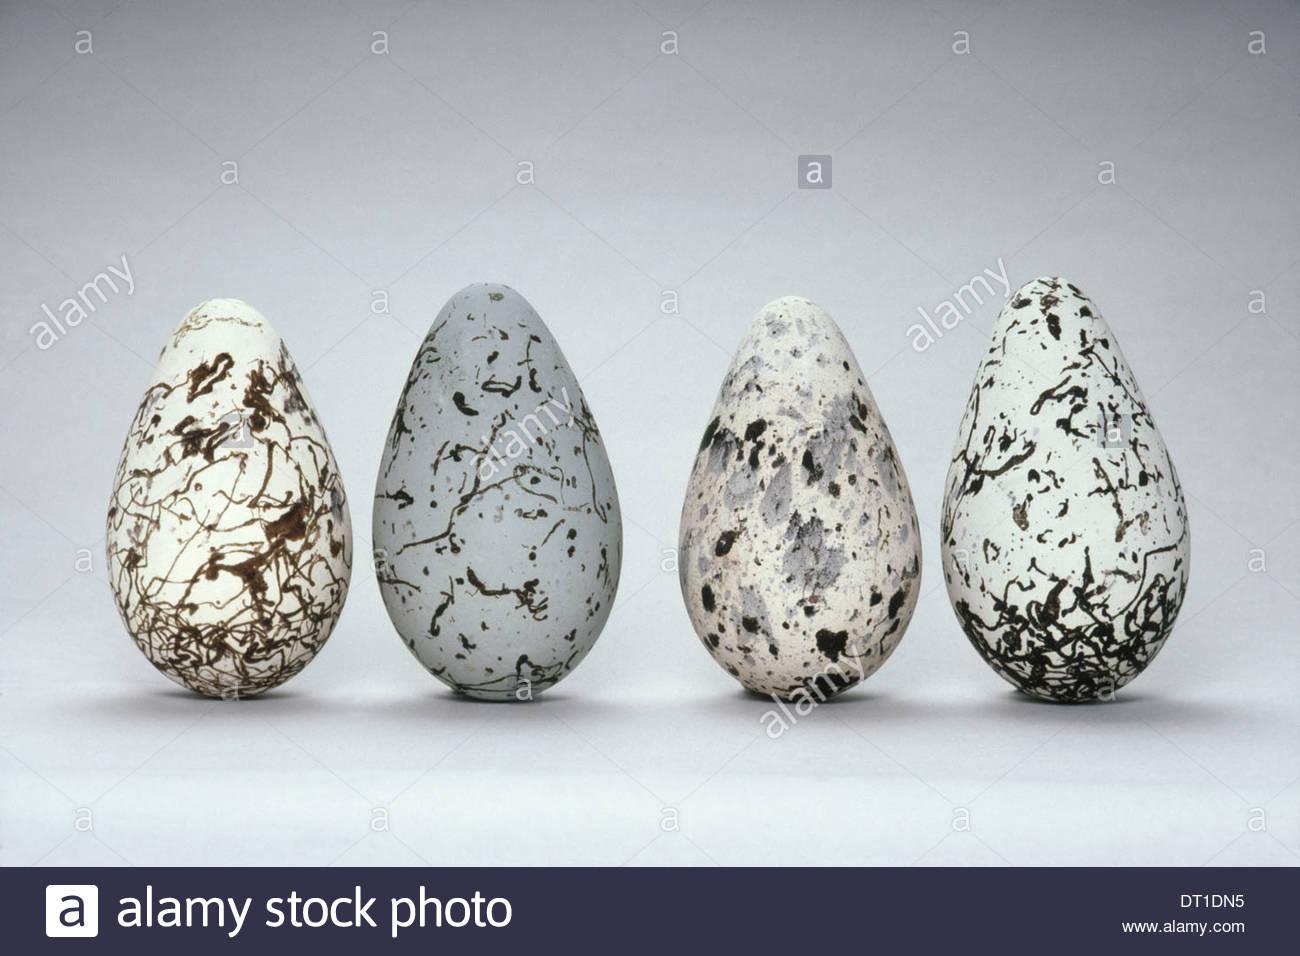 Fondazione occidentale di Zoologia vertebrati California USA Common murre uova di uccelli Uria algea istruzione Immagini Stock